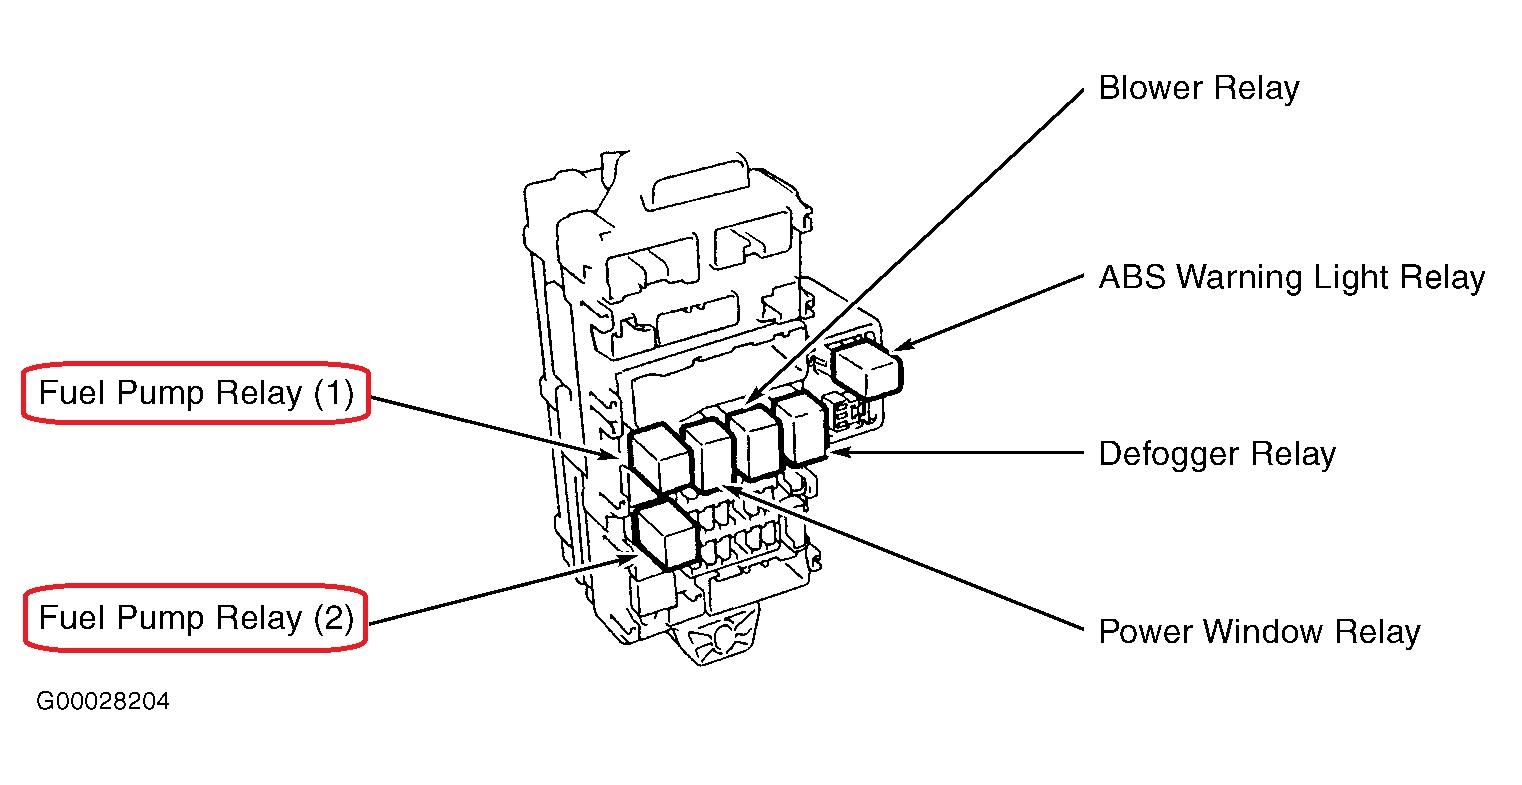 hight resolution of bmw 528i serpentine belt diagram p 0996b43f80cb2deb on 5 4l